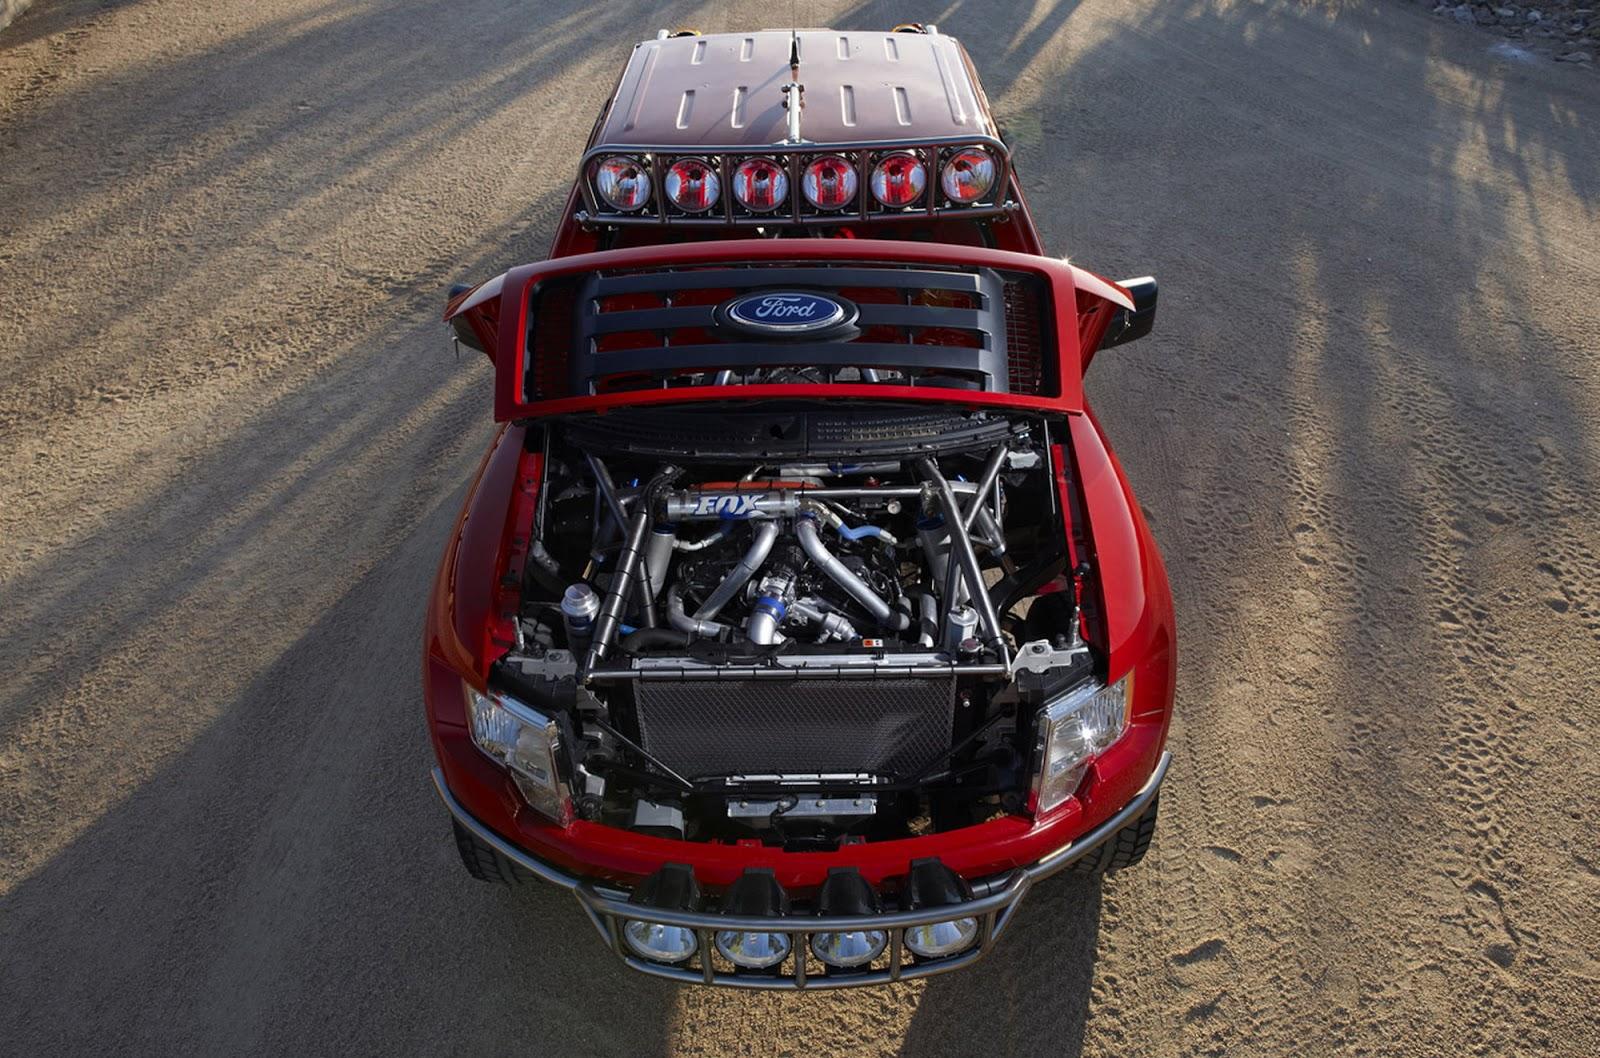 Fords F Ecoboost Engine Under Federal Investigation